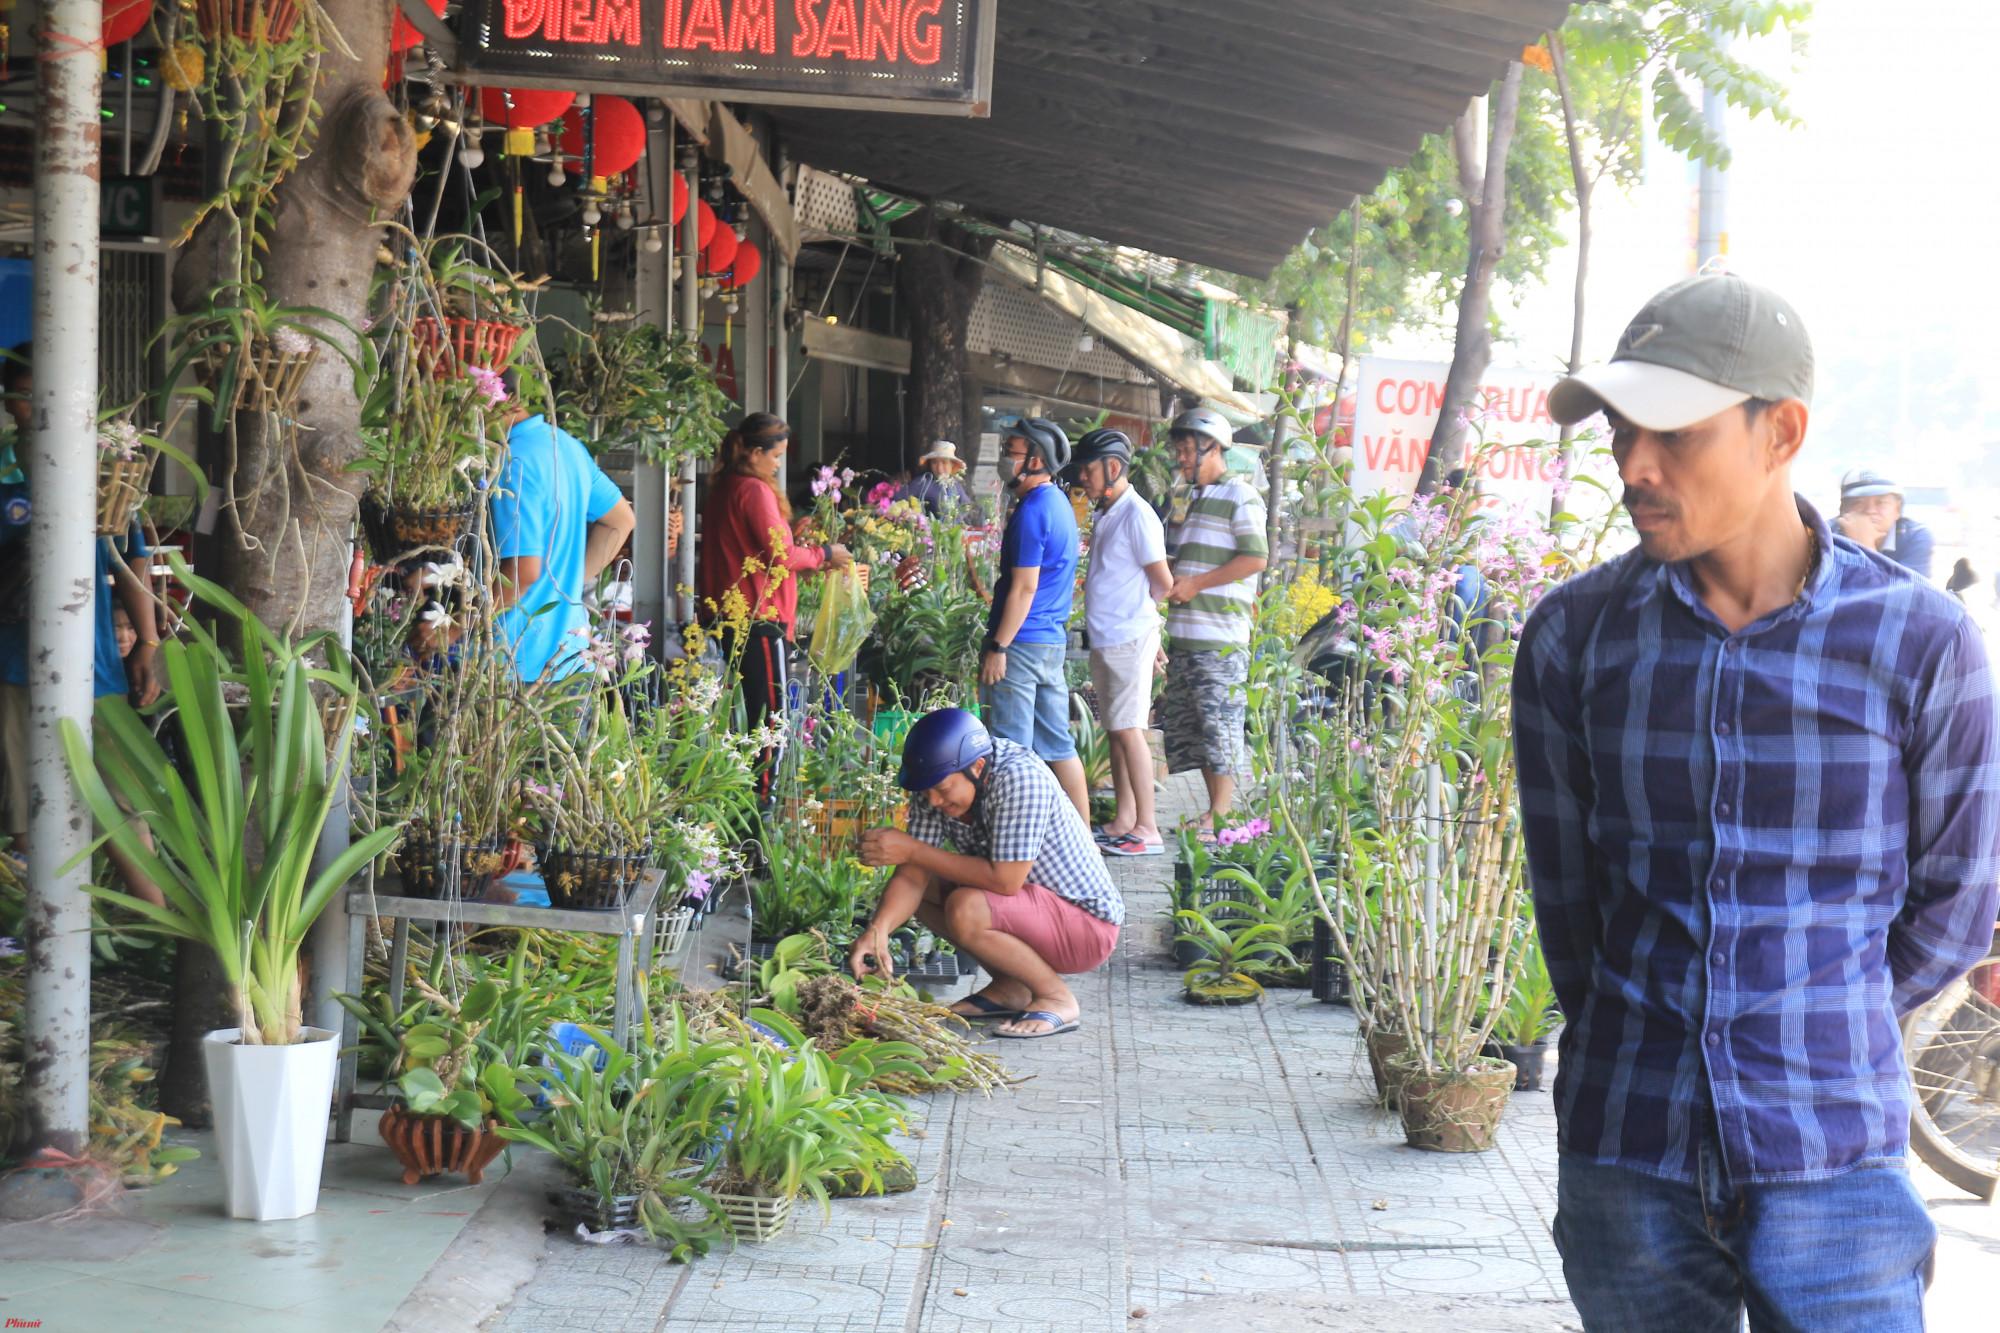 Dọc đường Thành Thái (quận 10, TPHCM) nhiều điểm bán lan rừng Campuchia, Lào, vùng Tây Nguyên đổi về phục vụ khách hàng, các hộ bán chủ yếu trải bạc bày những bó lan sau đó kèm theo một tấm ảnh giống lan ra hoa để cho khách dễ lựa chọn.